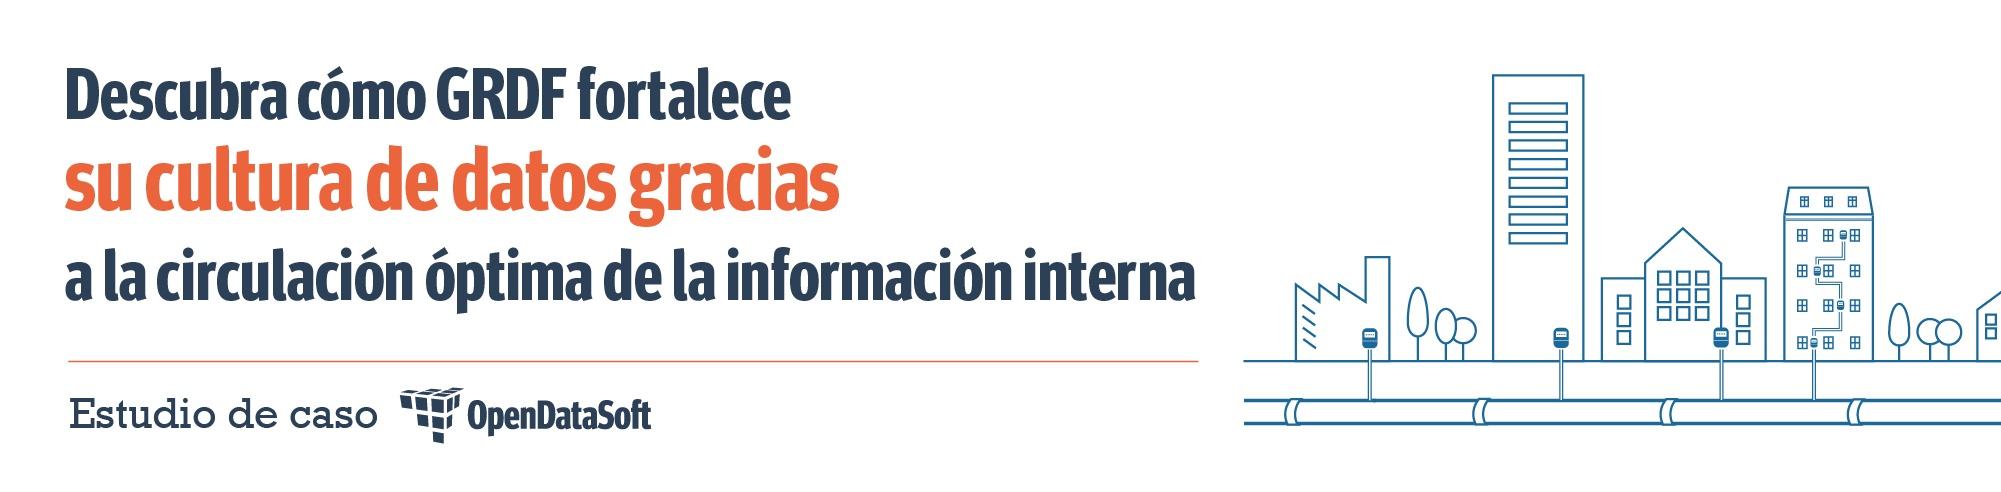 grdf-data-data-enhancement-intern-platform-opendatasoft-banner-es.jpg